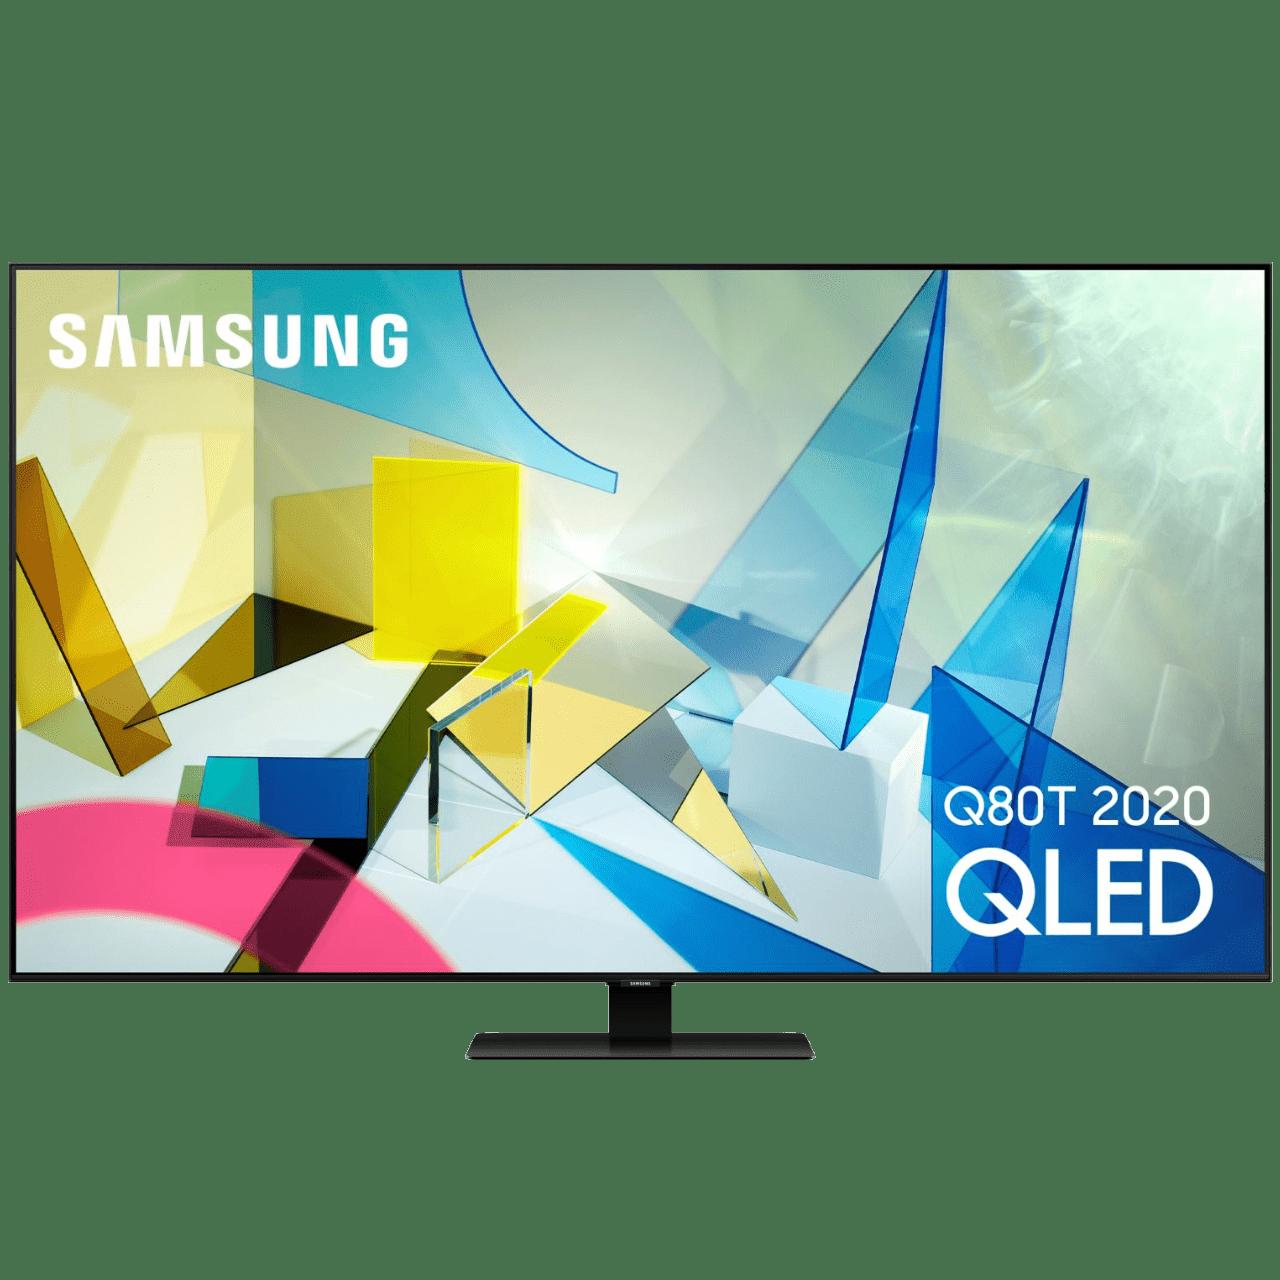 Samsung QE49Q80T